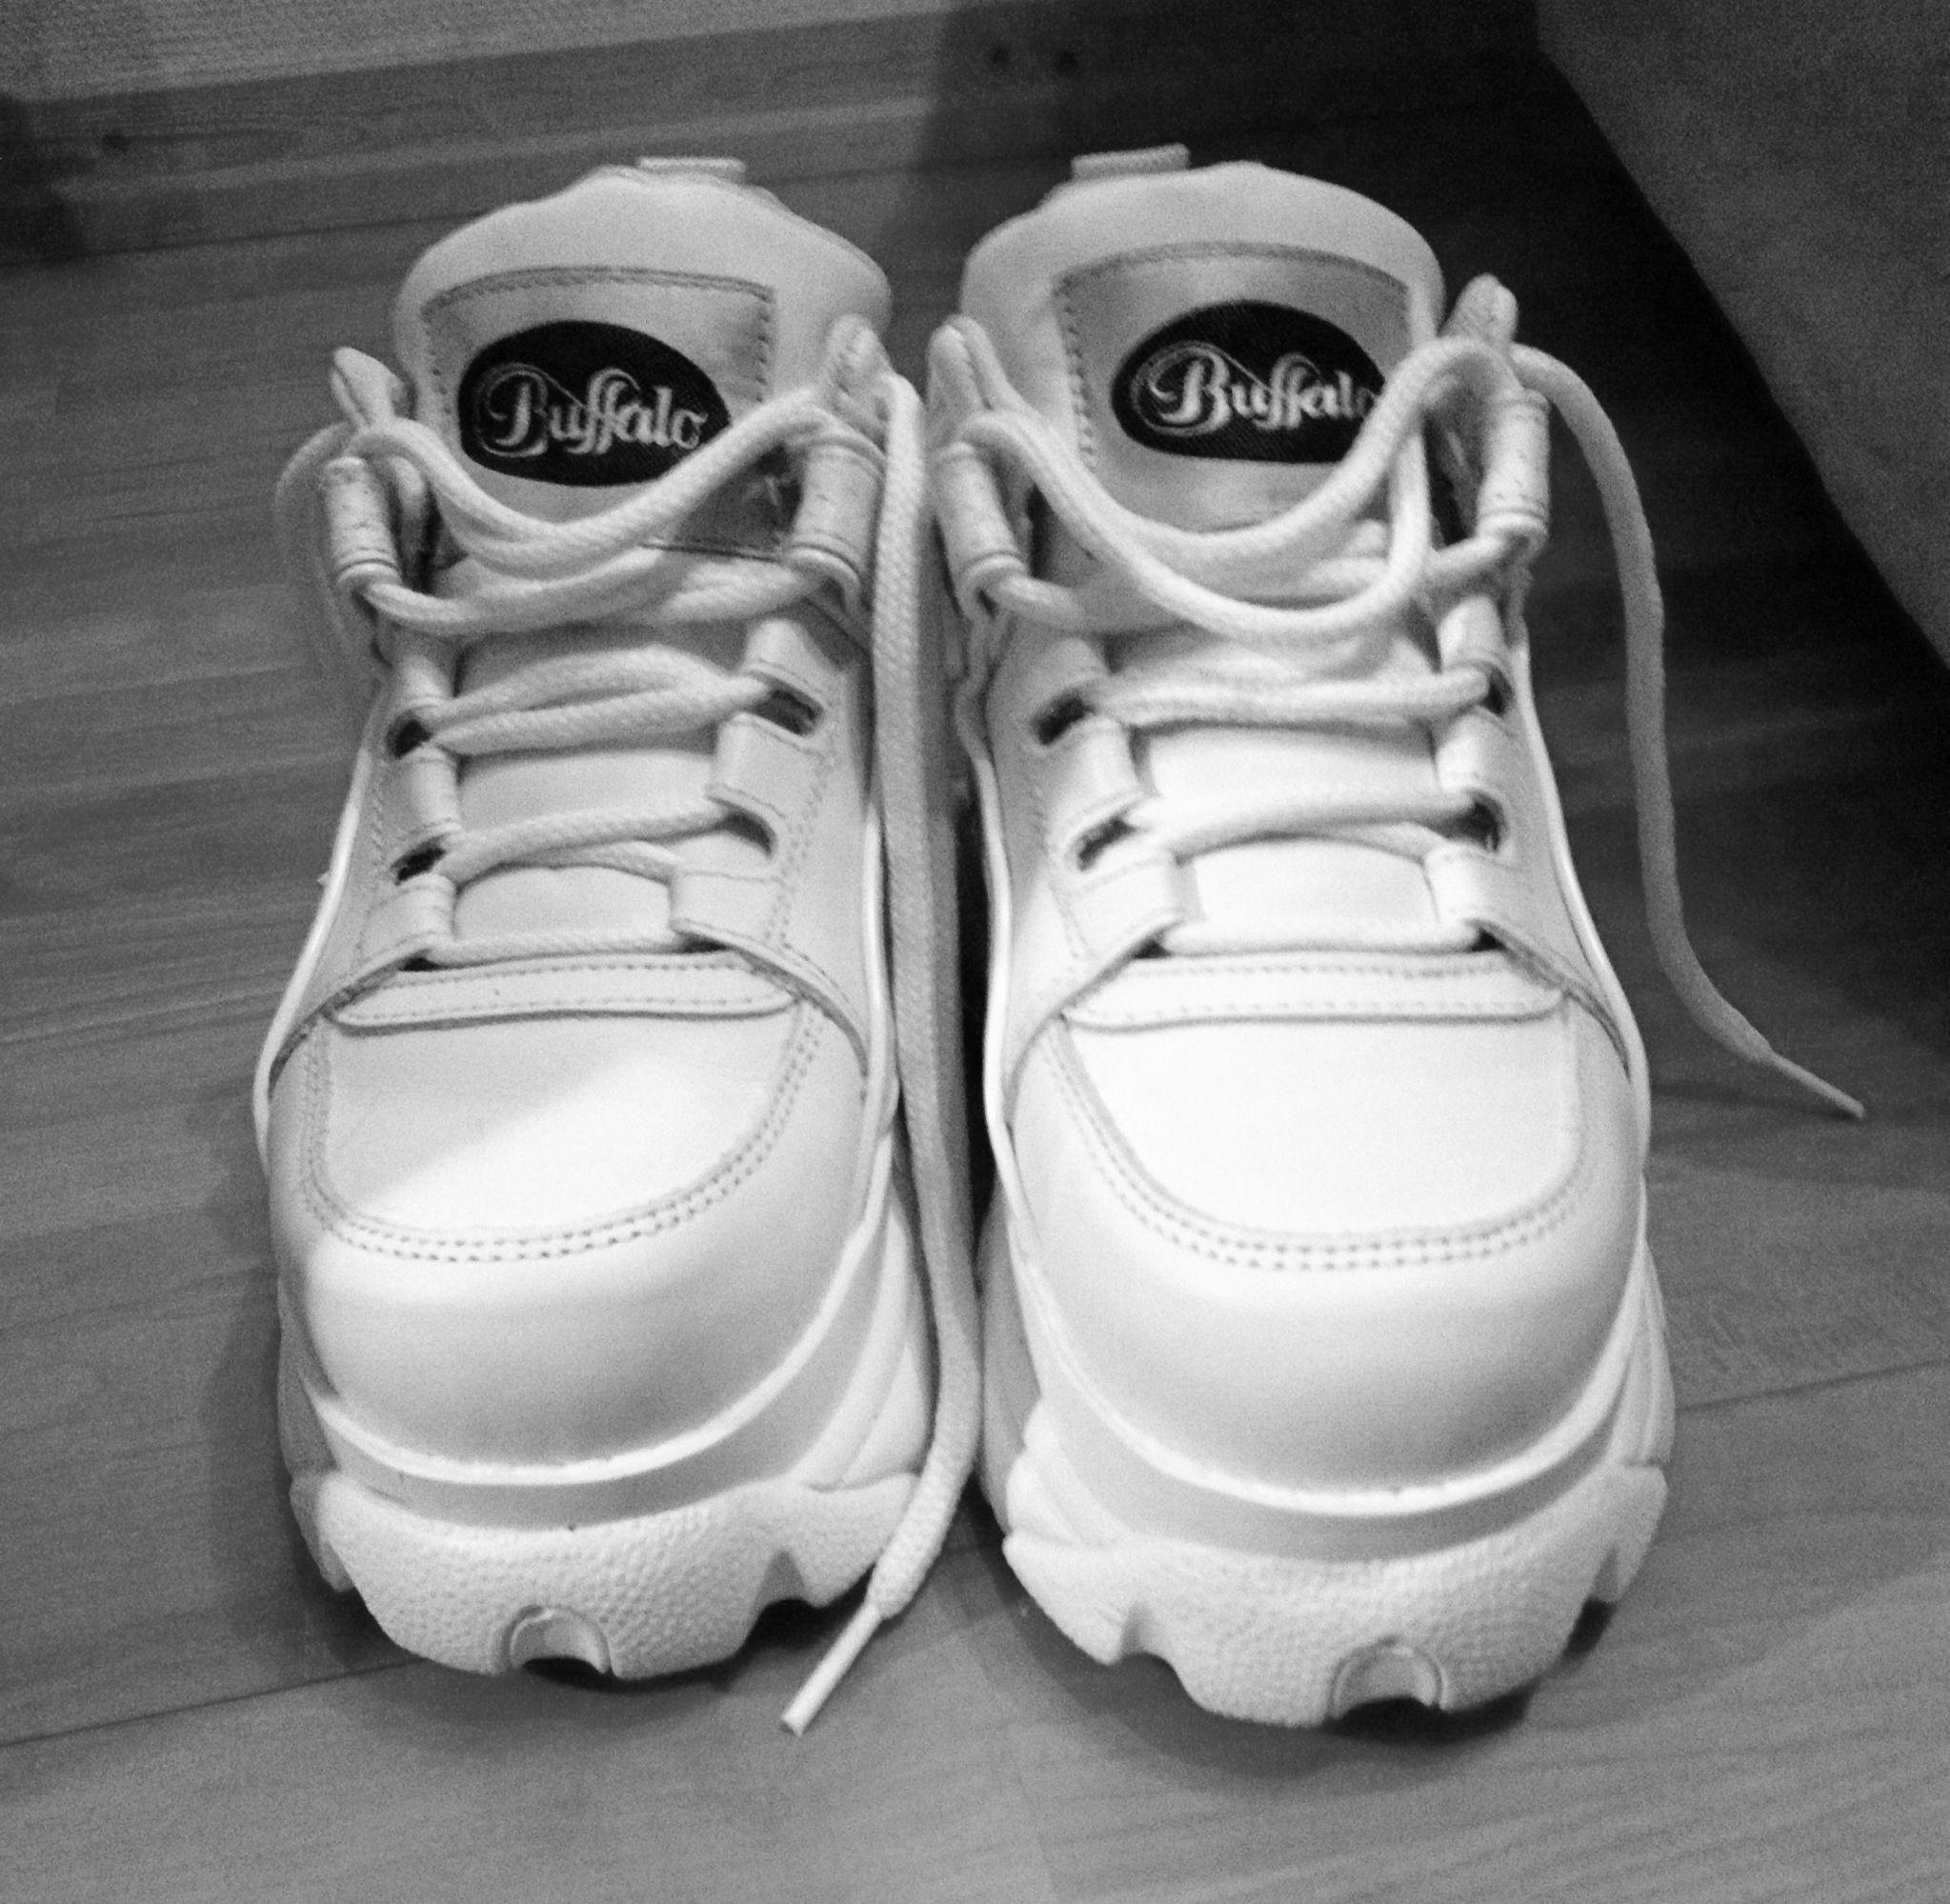 8908ba5a6 White Buffalo shoes | Shoes in 2019 | Buffalo shoes, Shoes, Buffalo ...